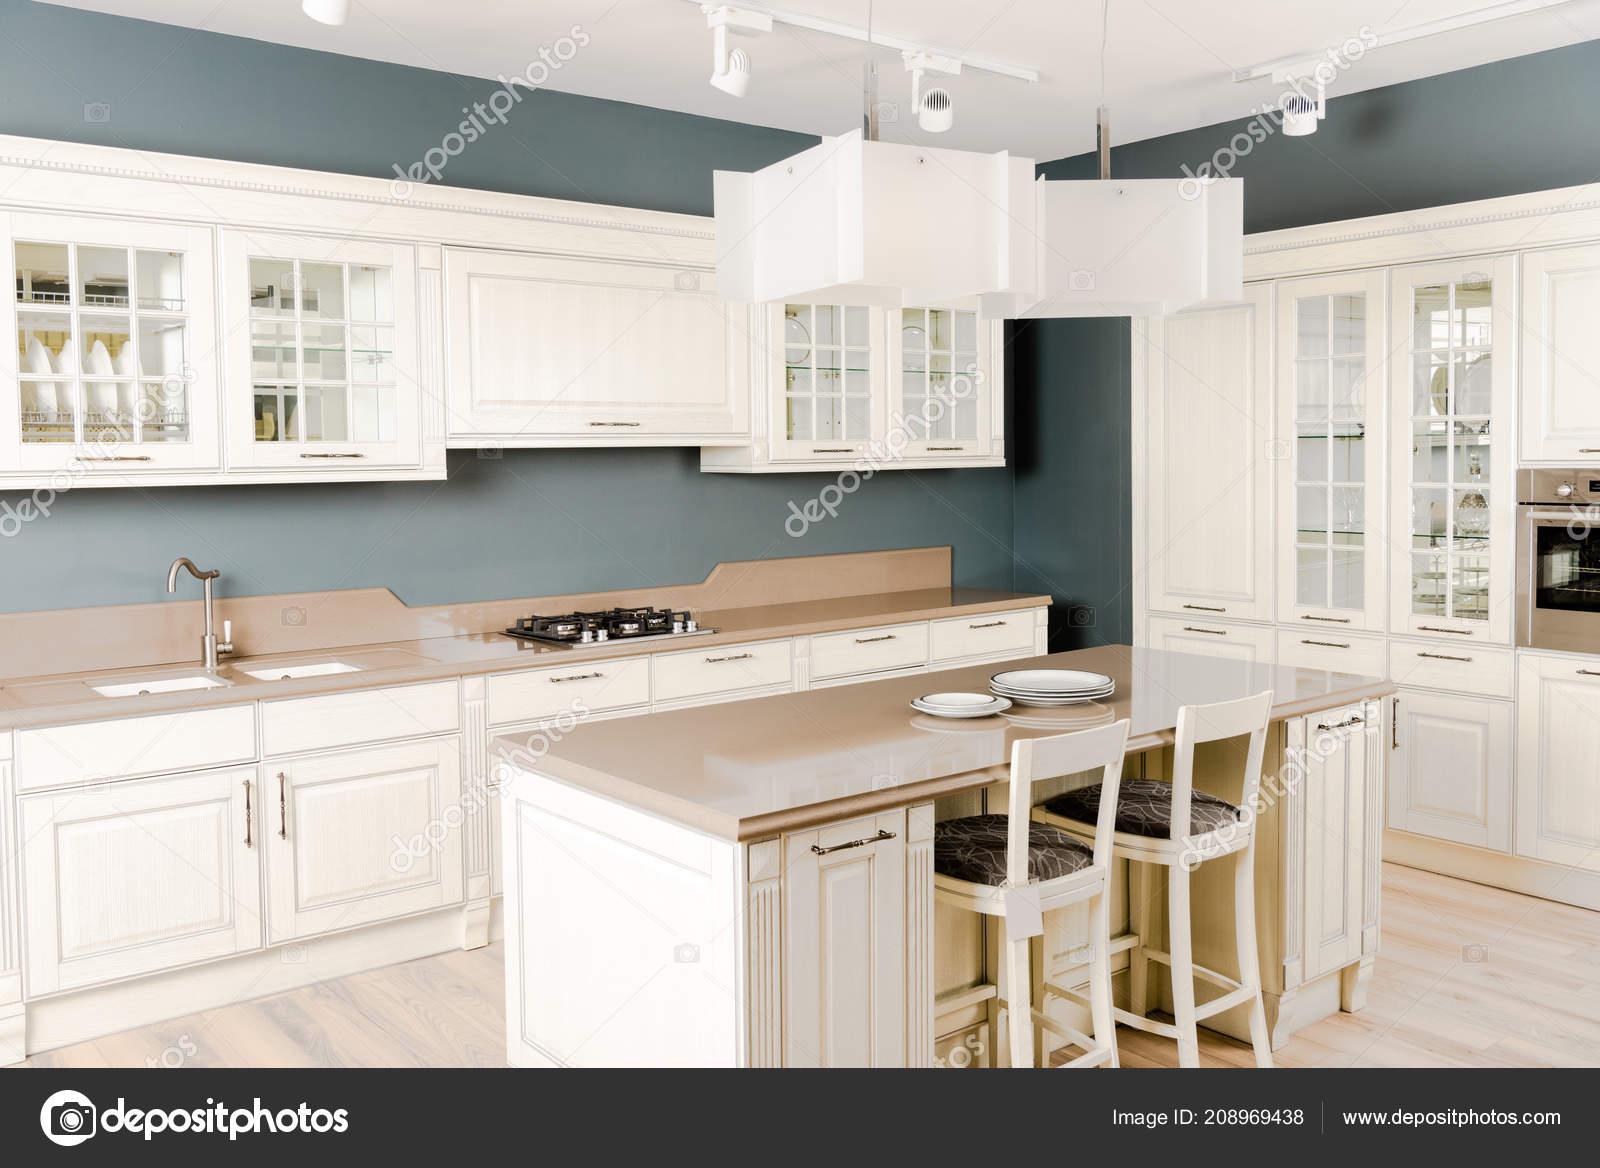 Interiore Della Cucina Moderna Luminosa Con Mobili Legno Bianco ...